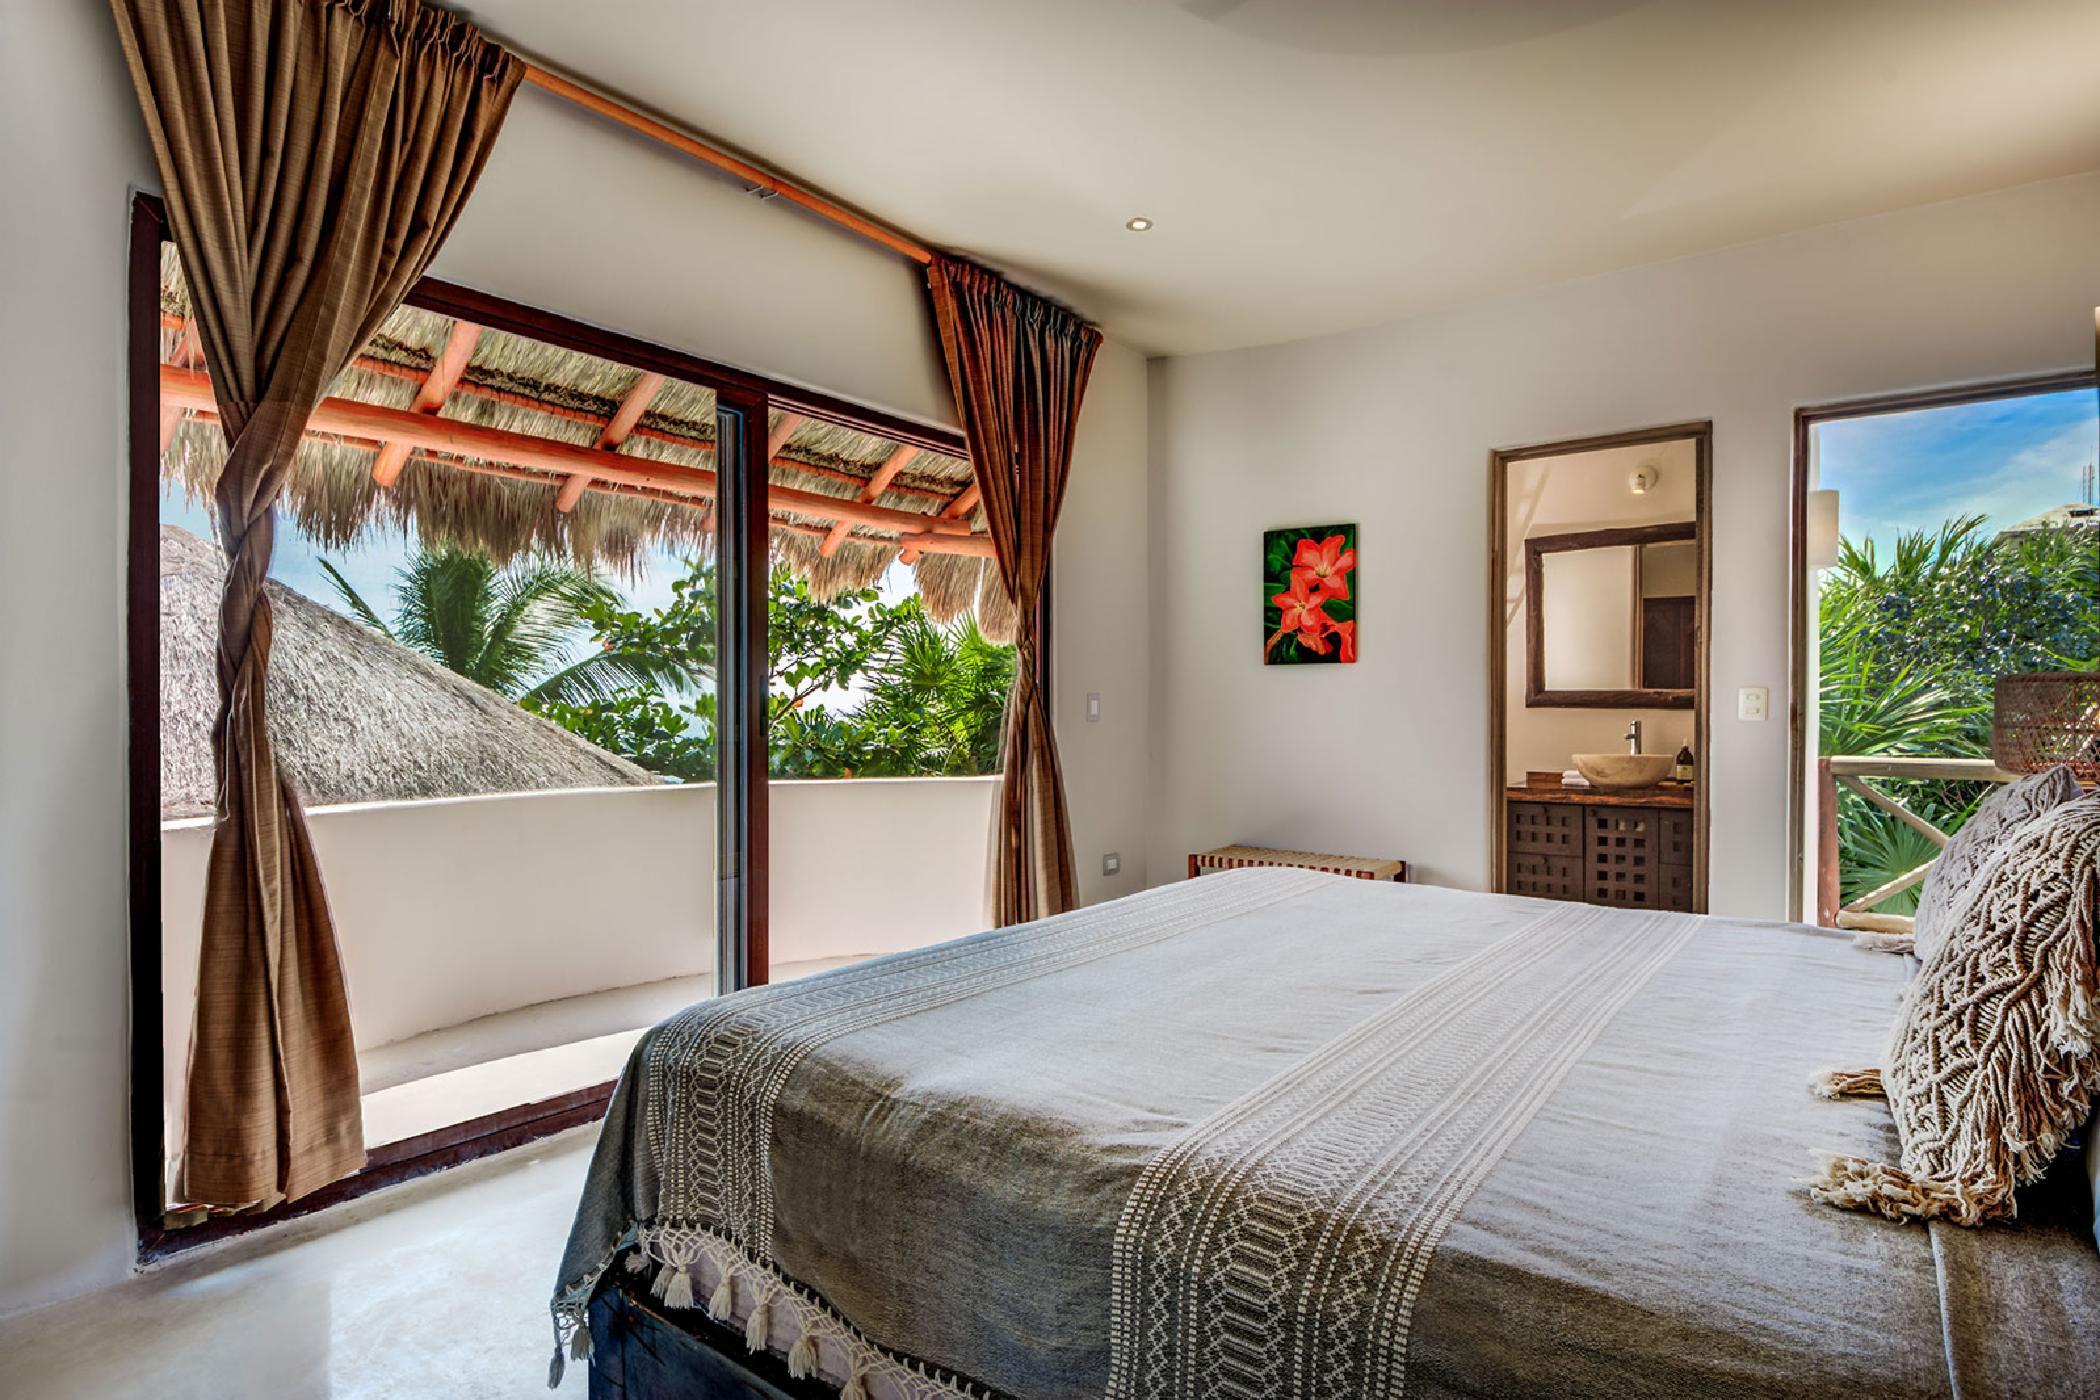 Maya_Luxe_Riviera_Maya_Luxury_Villas_Experiences_Tulum_Beach_5_Bedrooms_Villa_Miramar_25.jpg